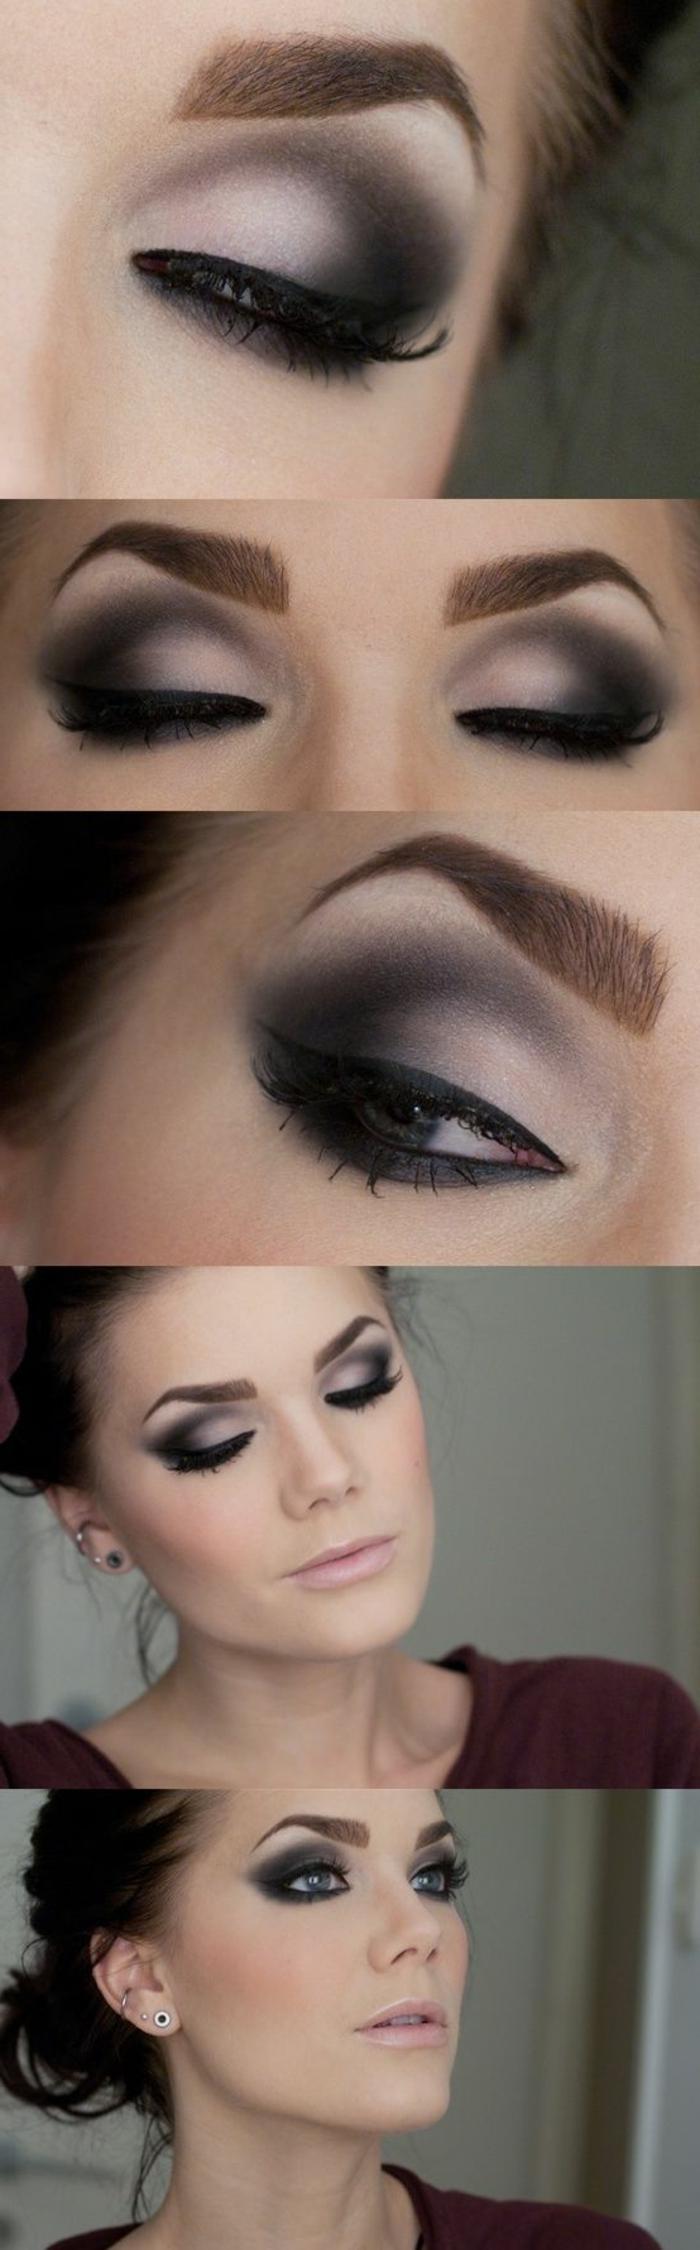 maquillage de tous les jours, blouse bordeaux, cheveux attachés, maquillage smoky, mascara noir